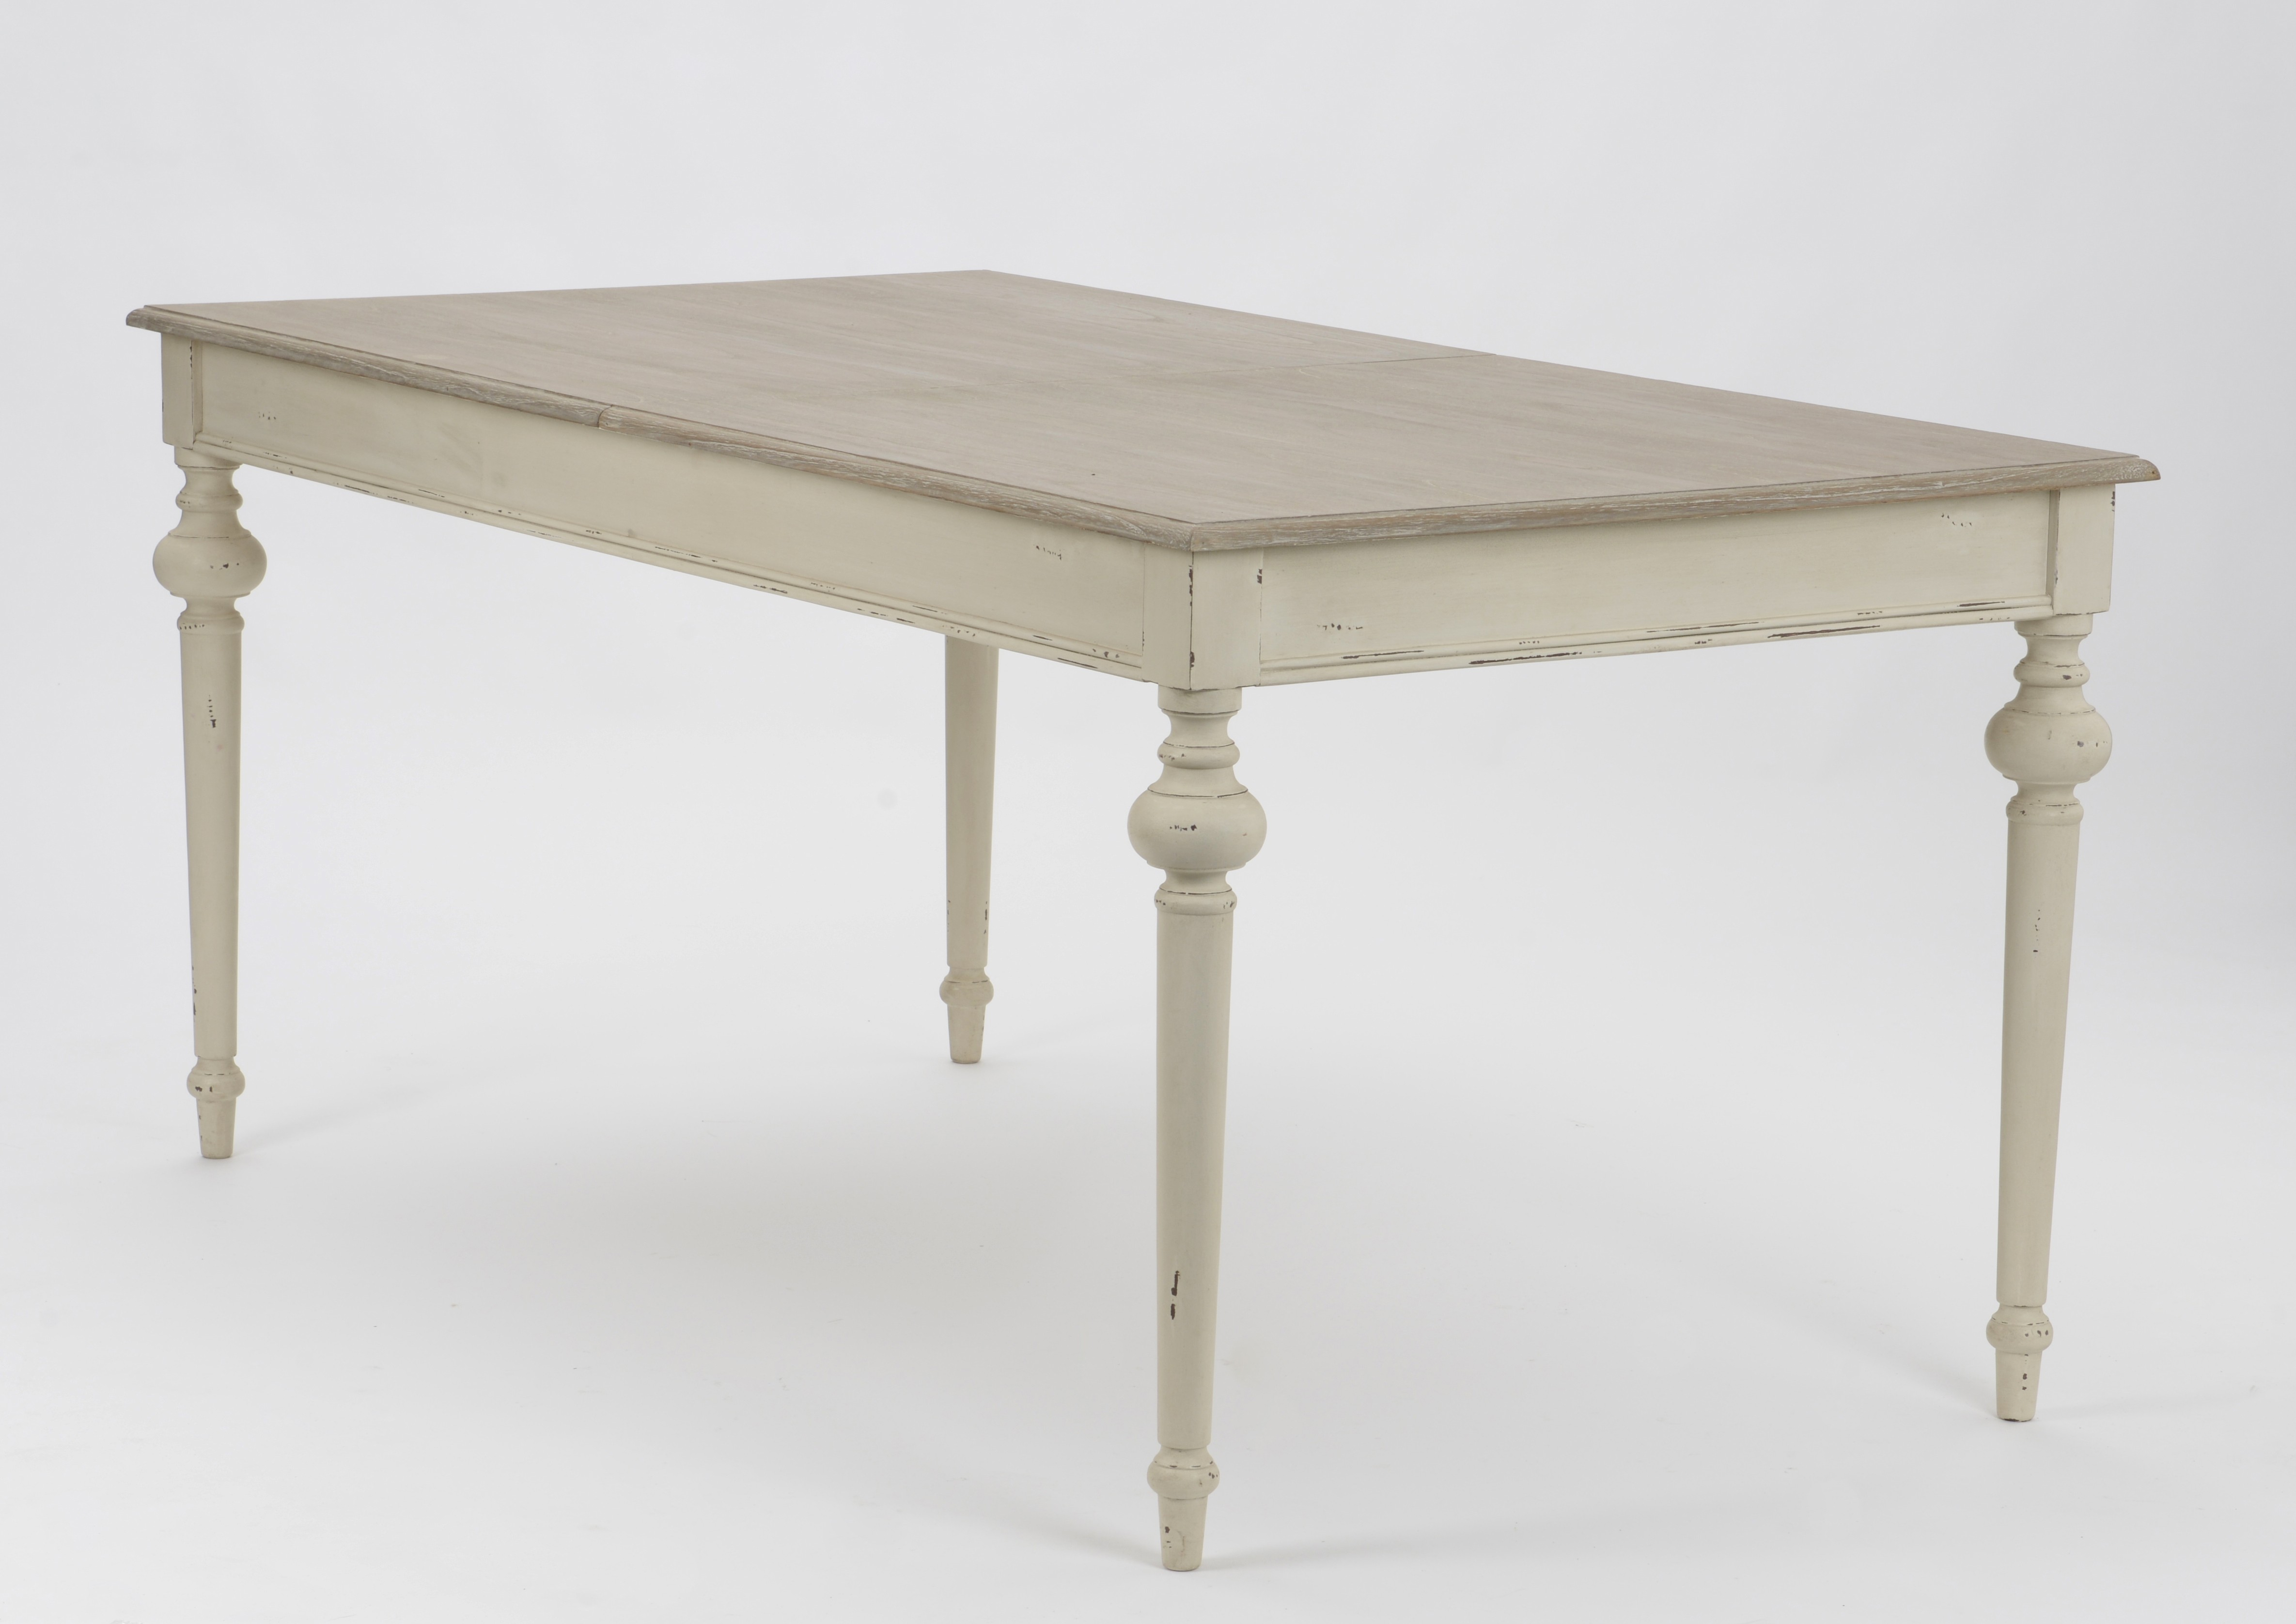 Table de repas Louis Philippe extensible bois vieilli LEGENDE  L160/200xP90xH76 AMADEUS